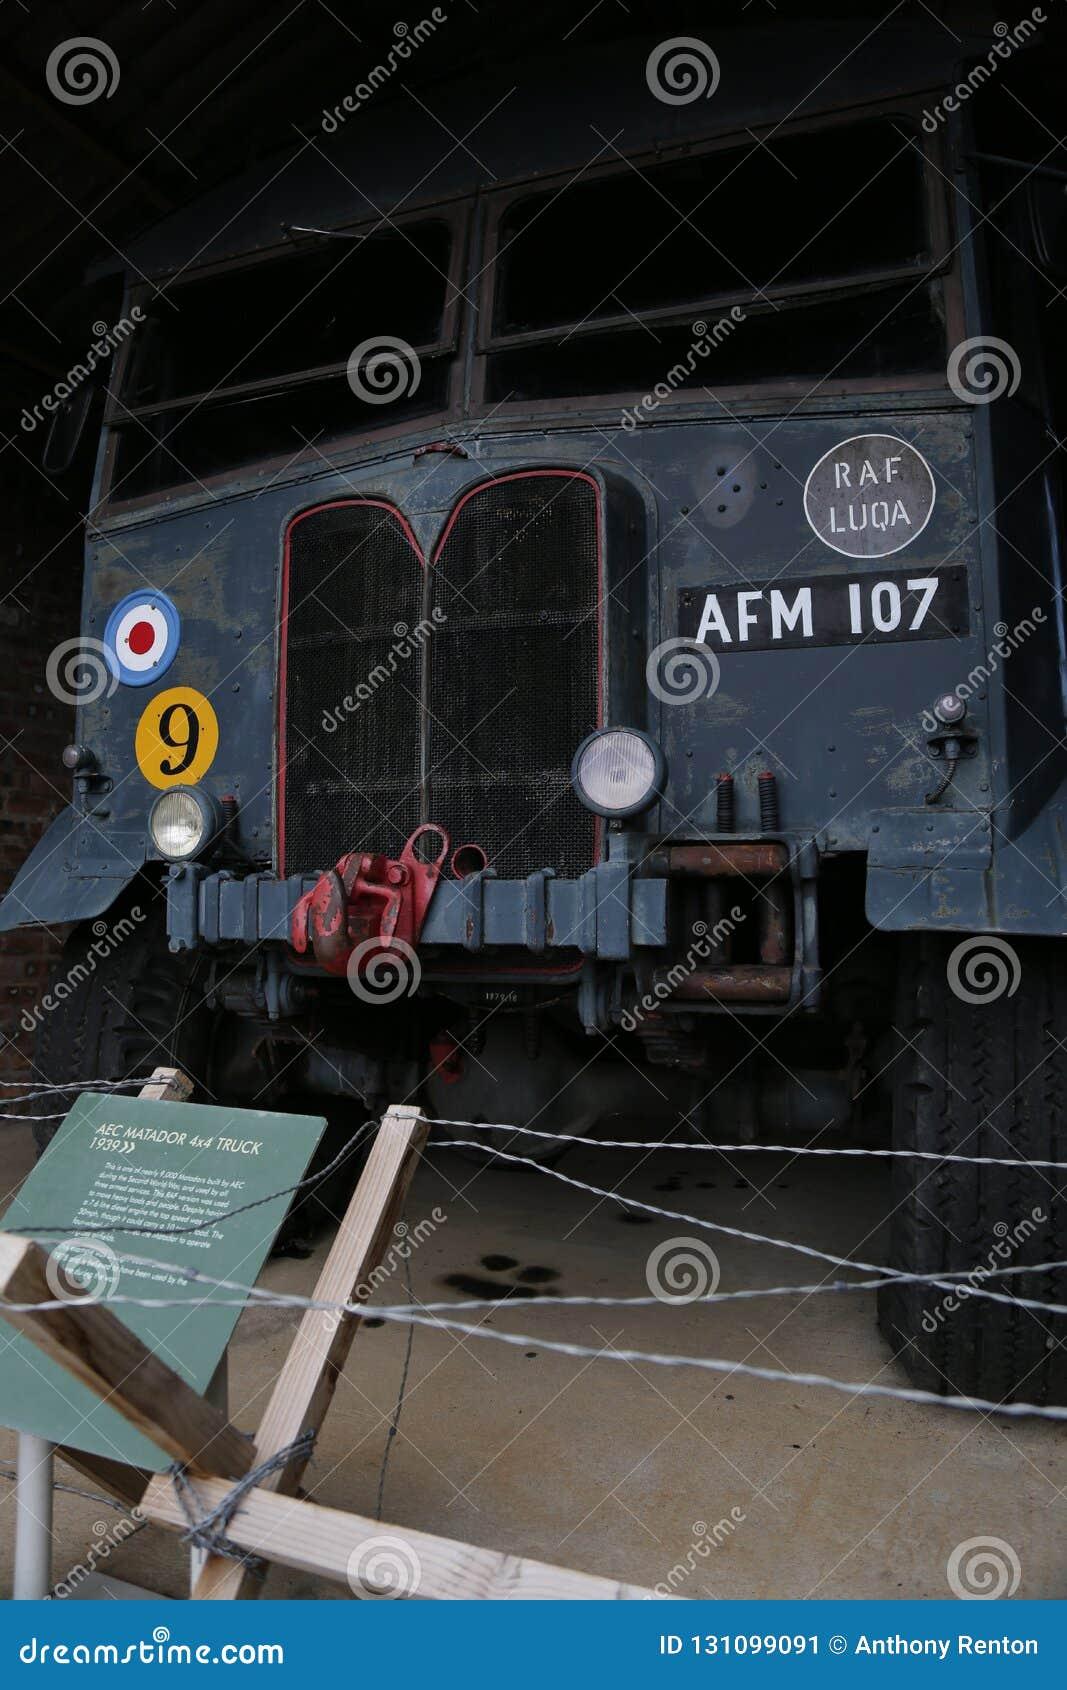 RAF AEC matador 4x4